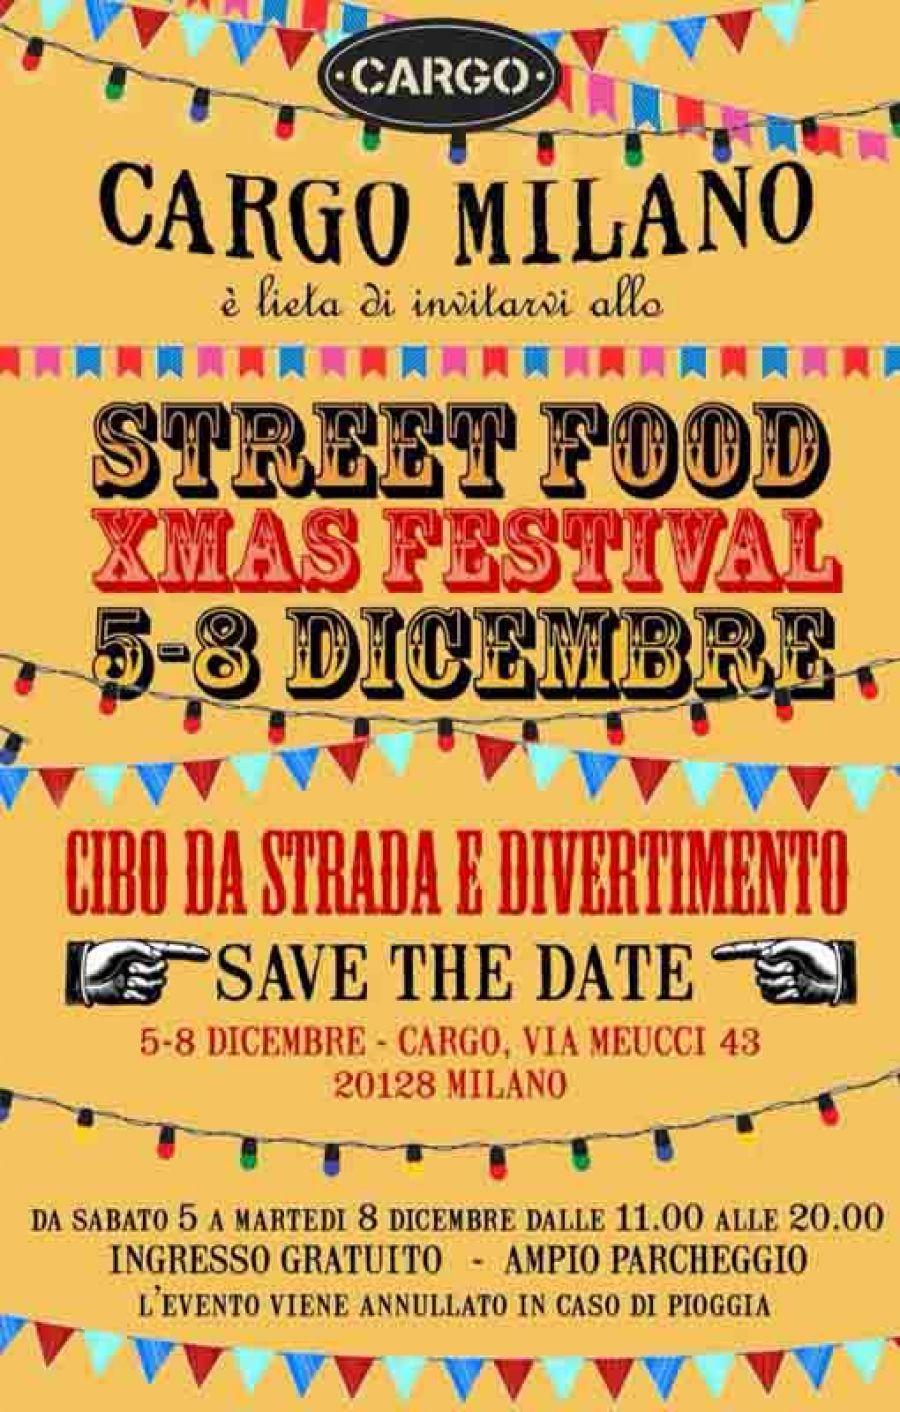 Street Food Xmas Festival da Cargo